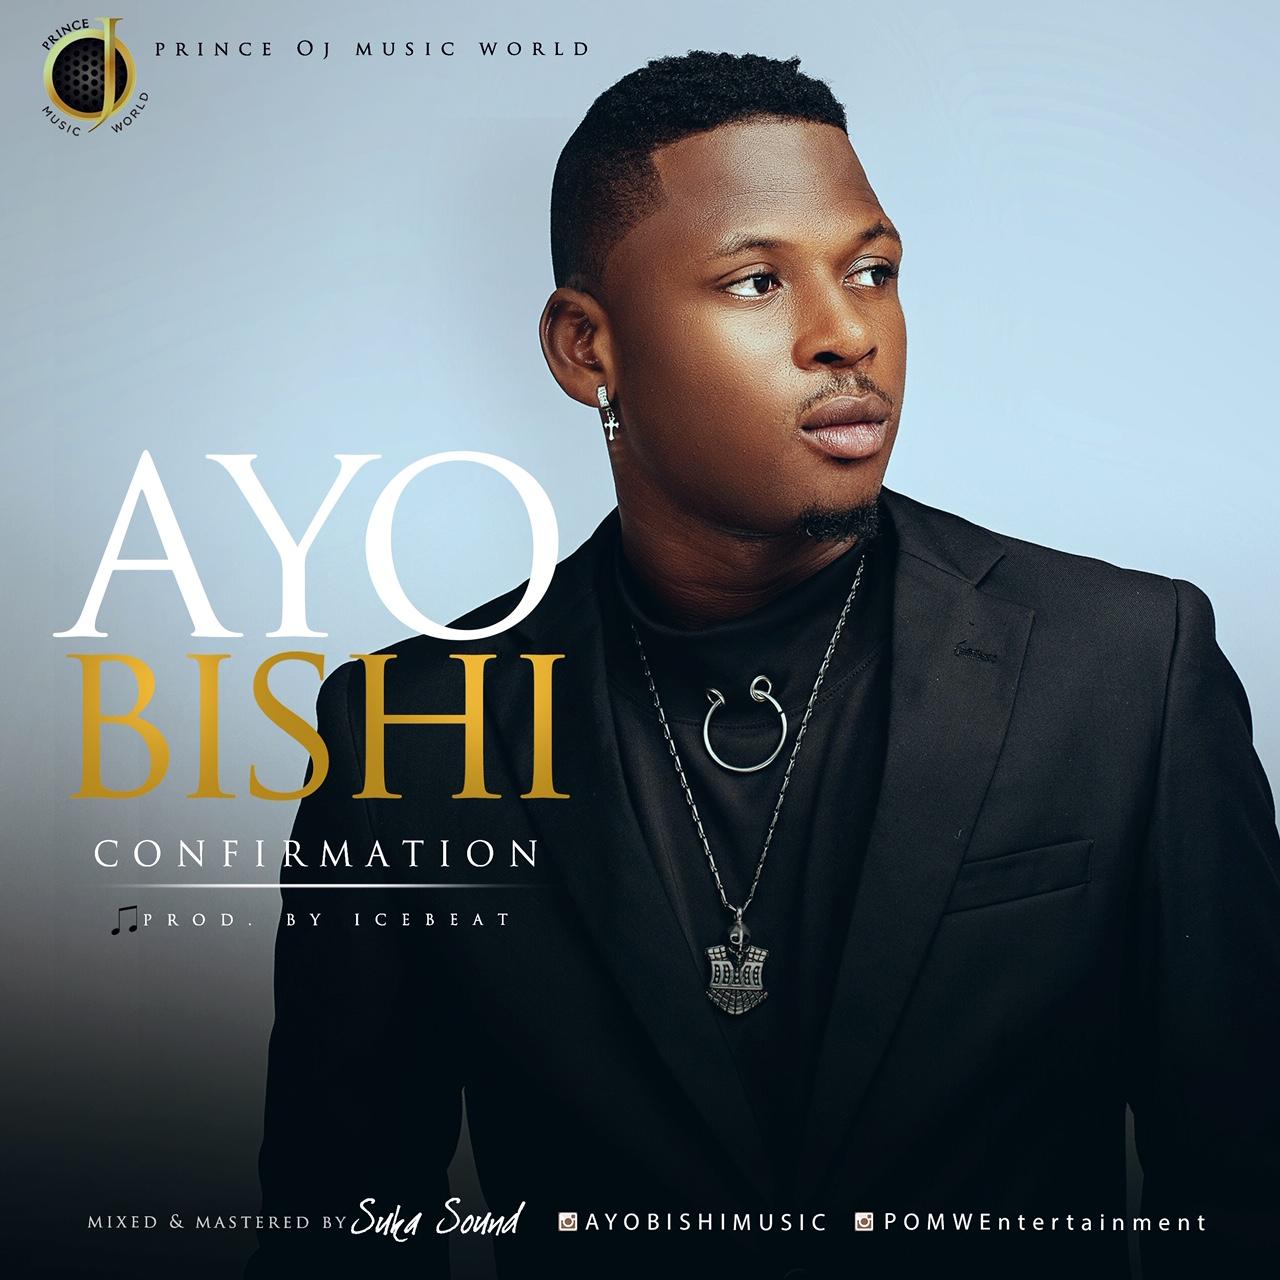 Premiere: AYO BISHI – CONFIRMATION